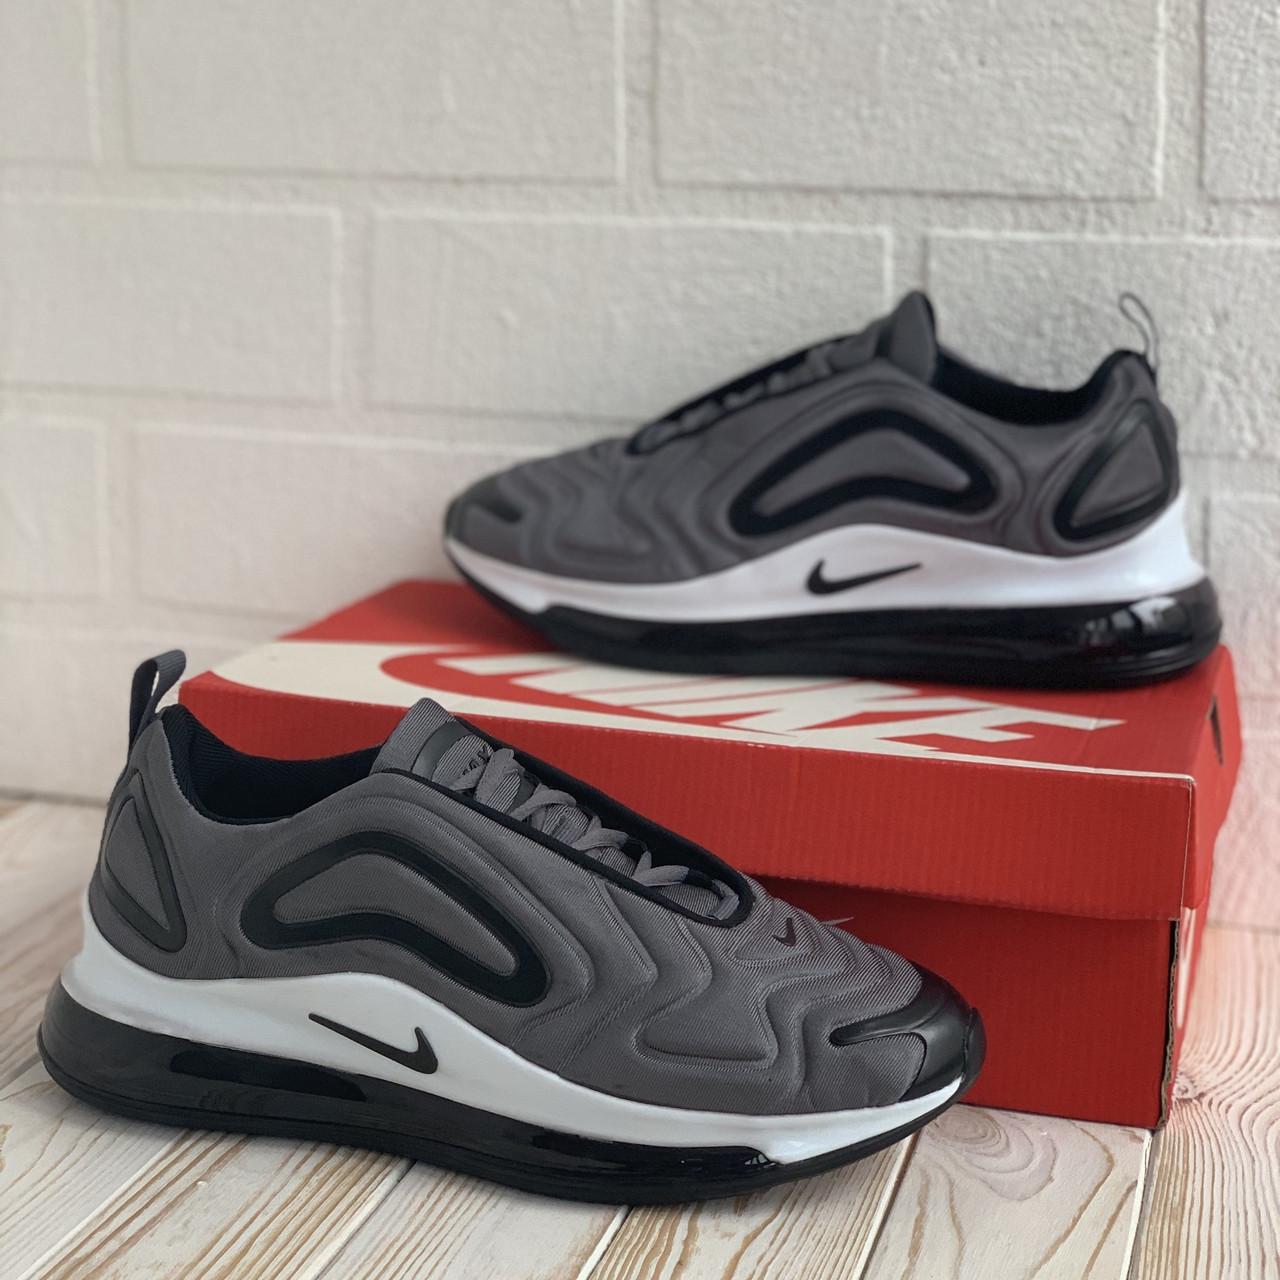 Nike Air Max 720 сірі кросівки, кеди найк чоловічі кросівки 44-45р.